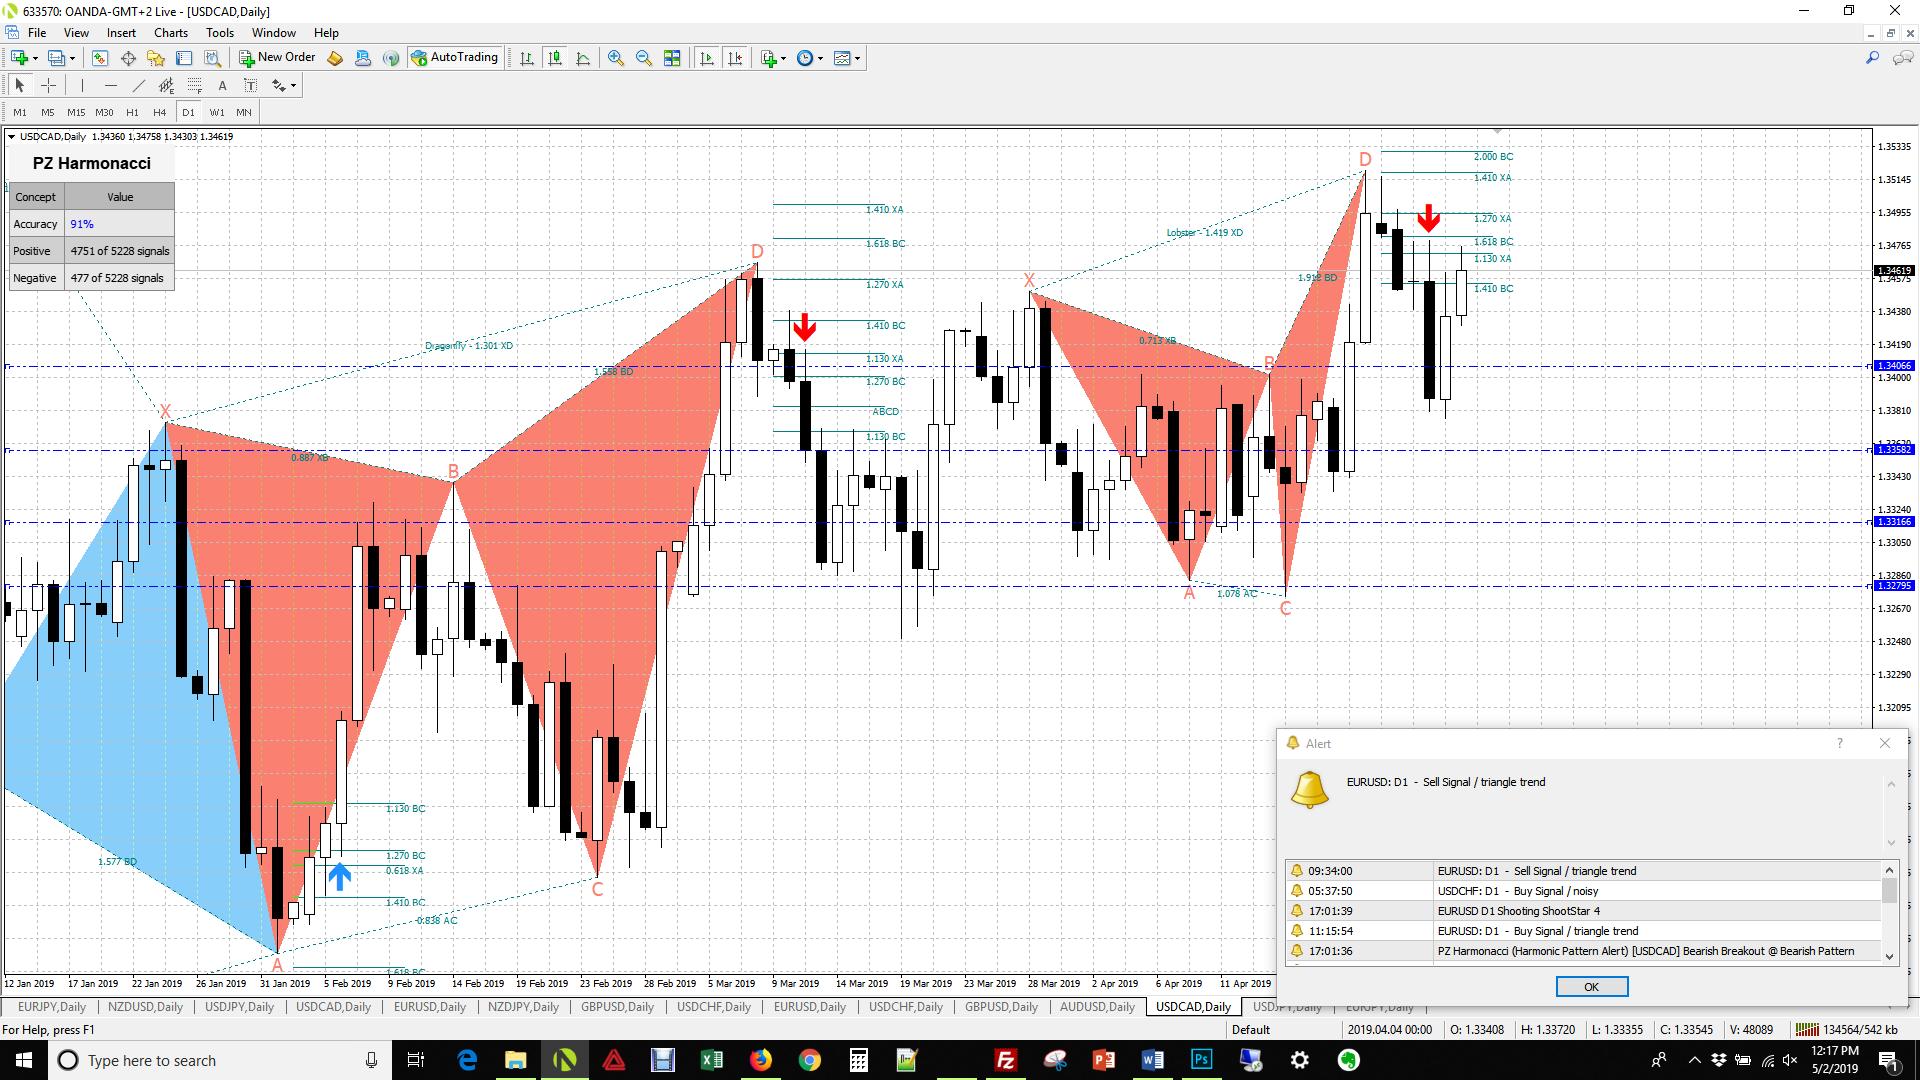 Usd cad forex signals